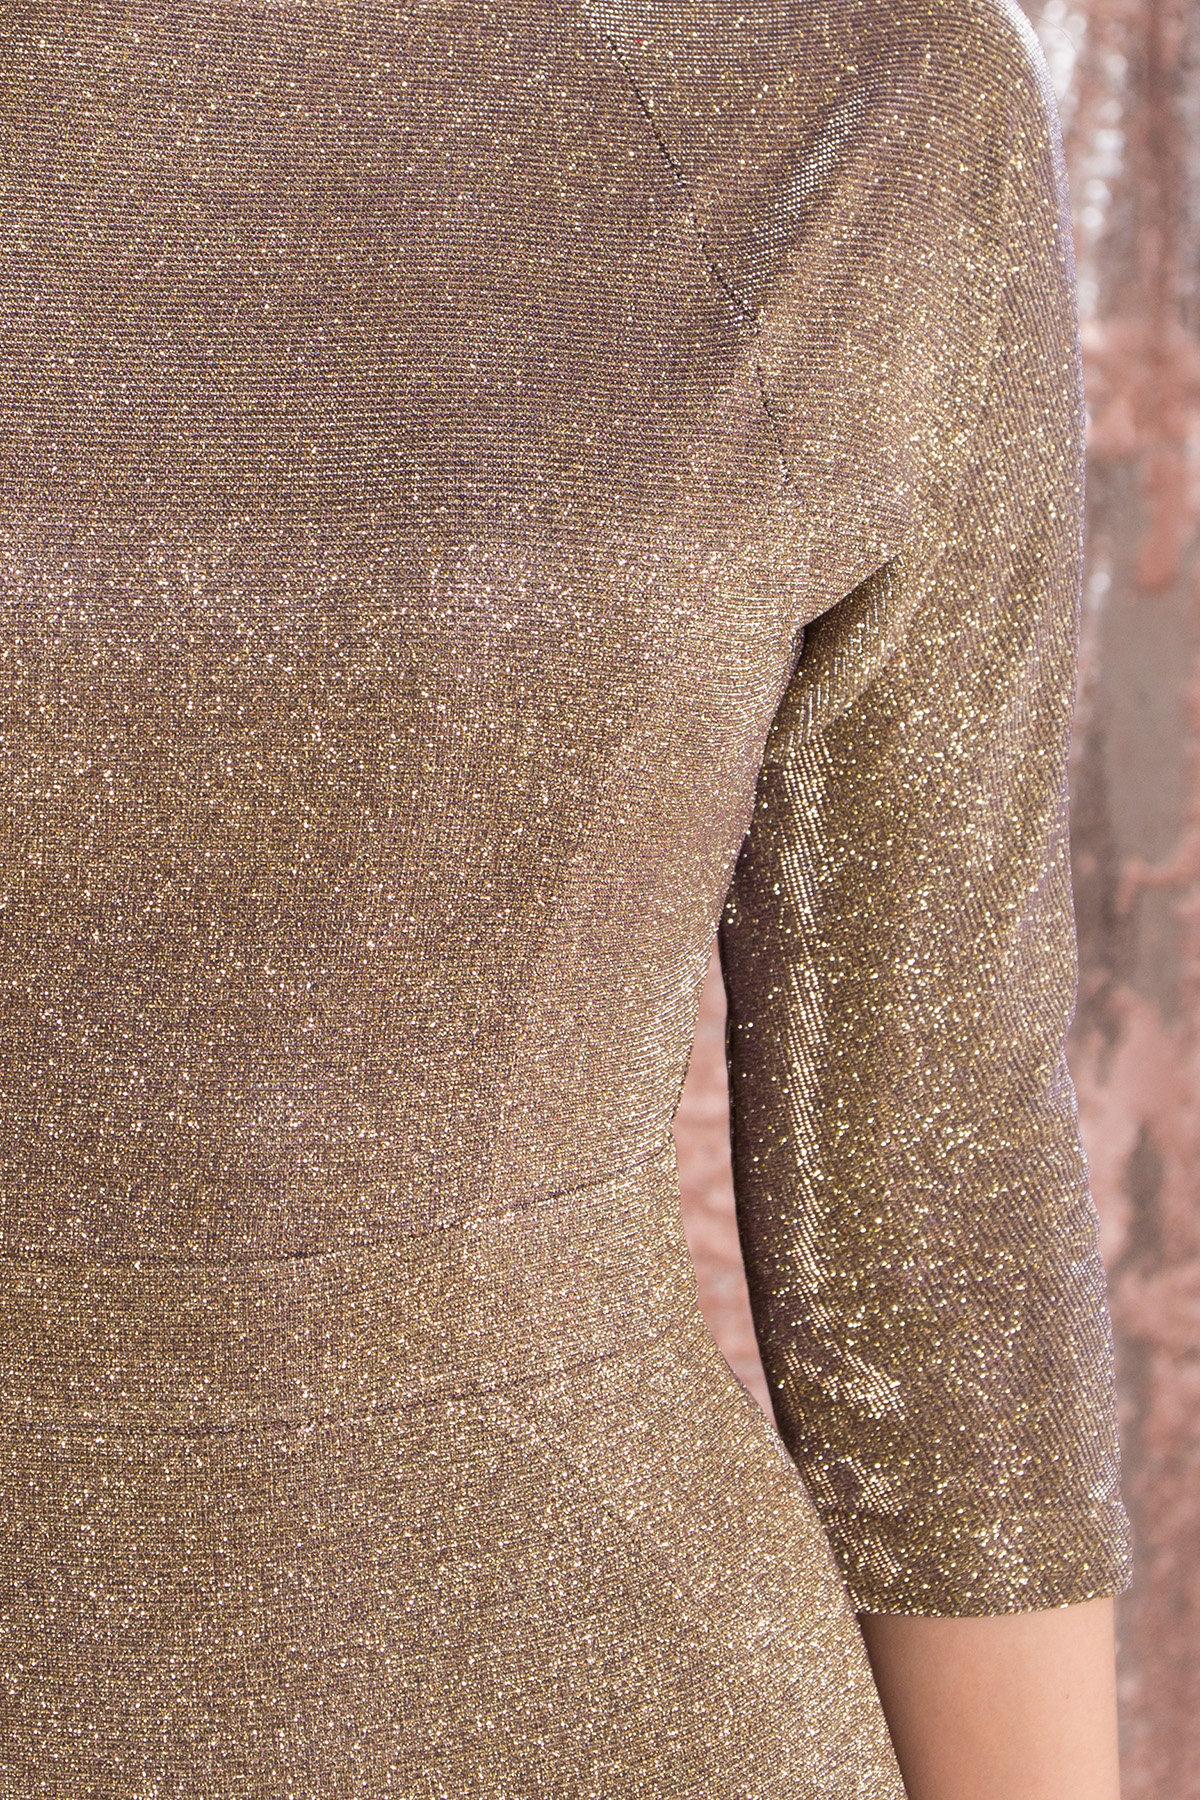 Платье-хамелеон из трикотажа с люрексом Инглот 8428 АРТ. 44863 Цвет: Золото/серебро - фото 7, интернет магазин tm-modus.ru